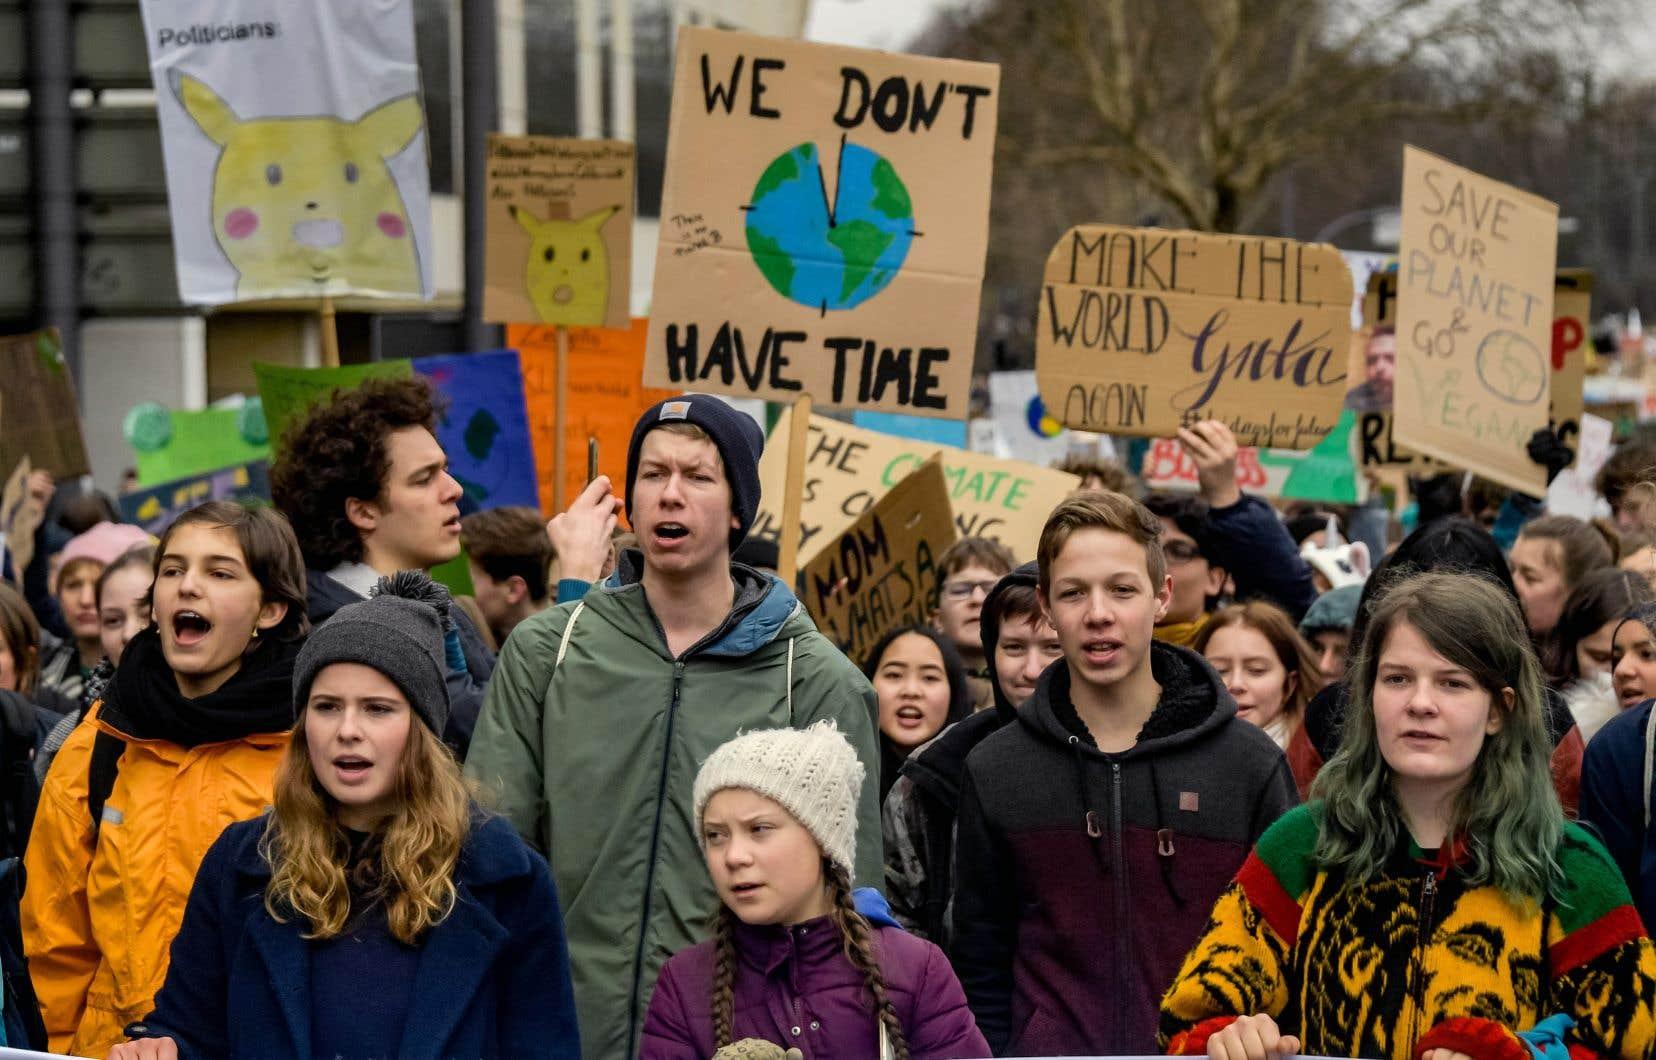 On retrouvait à la tête de la manifestation d'Hambourg la militante suédoise Greta Thunberg, qui est devenue la voix de sa génération dans ce dossier.